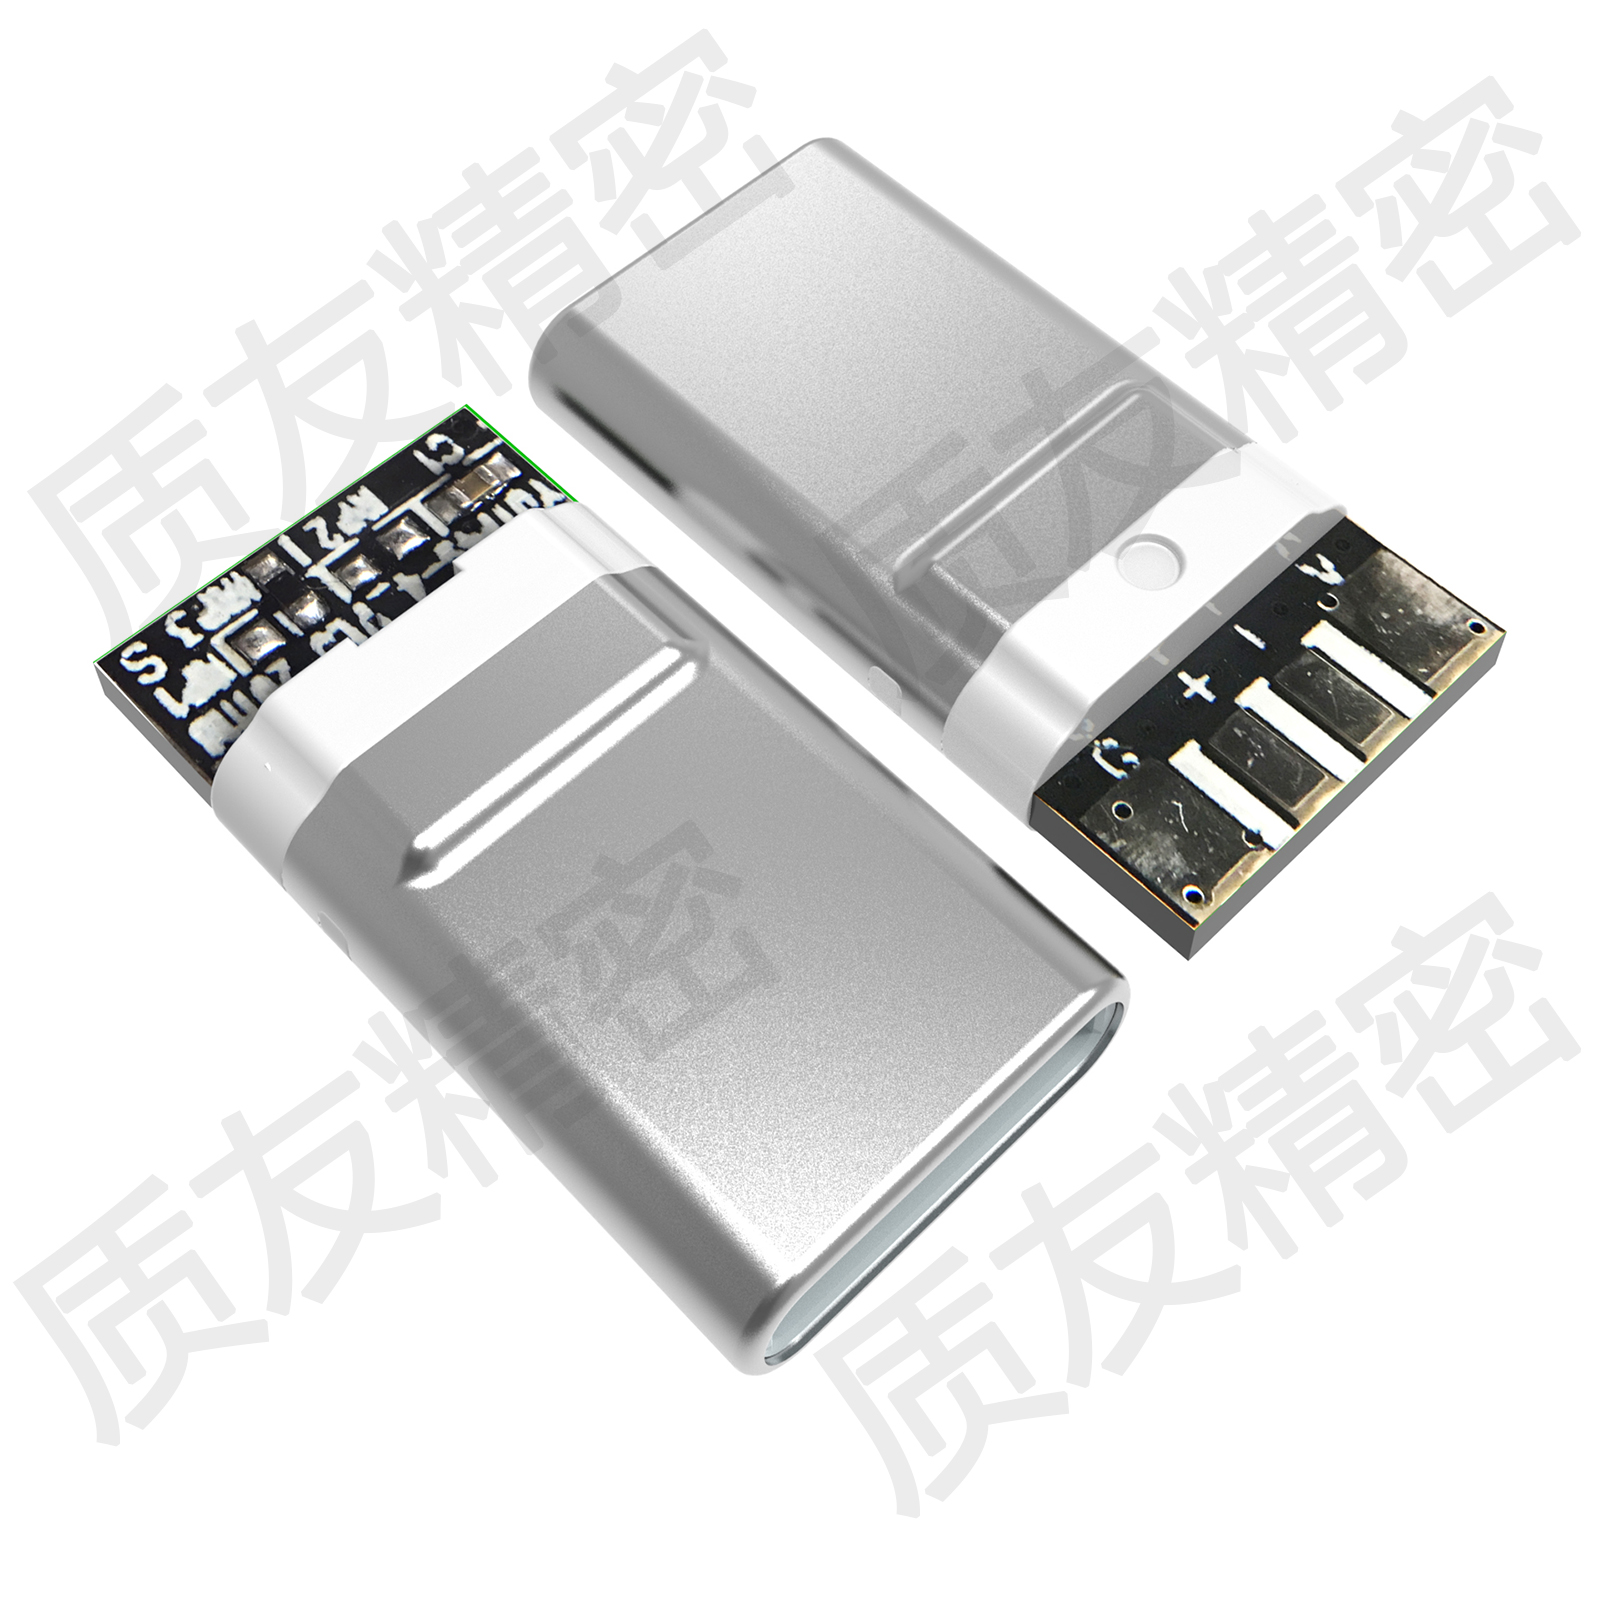 TYPE-C 插头 YUTP49-4 4焊点